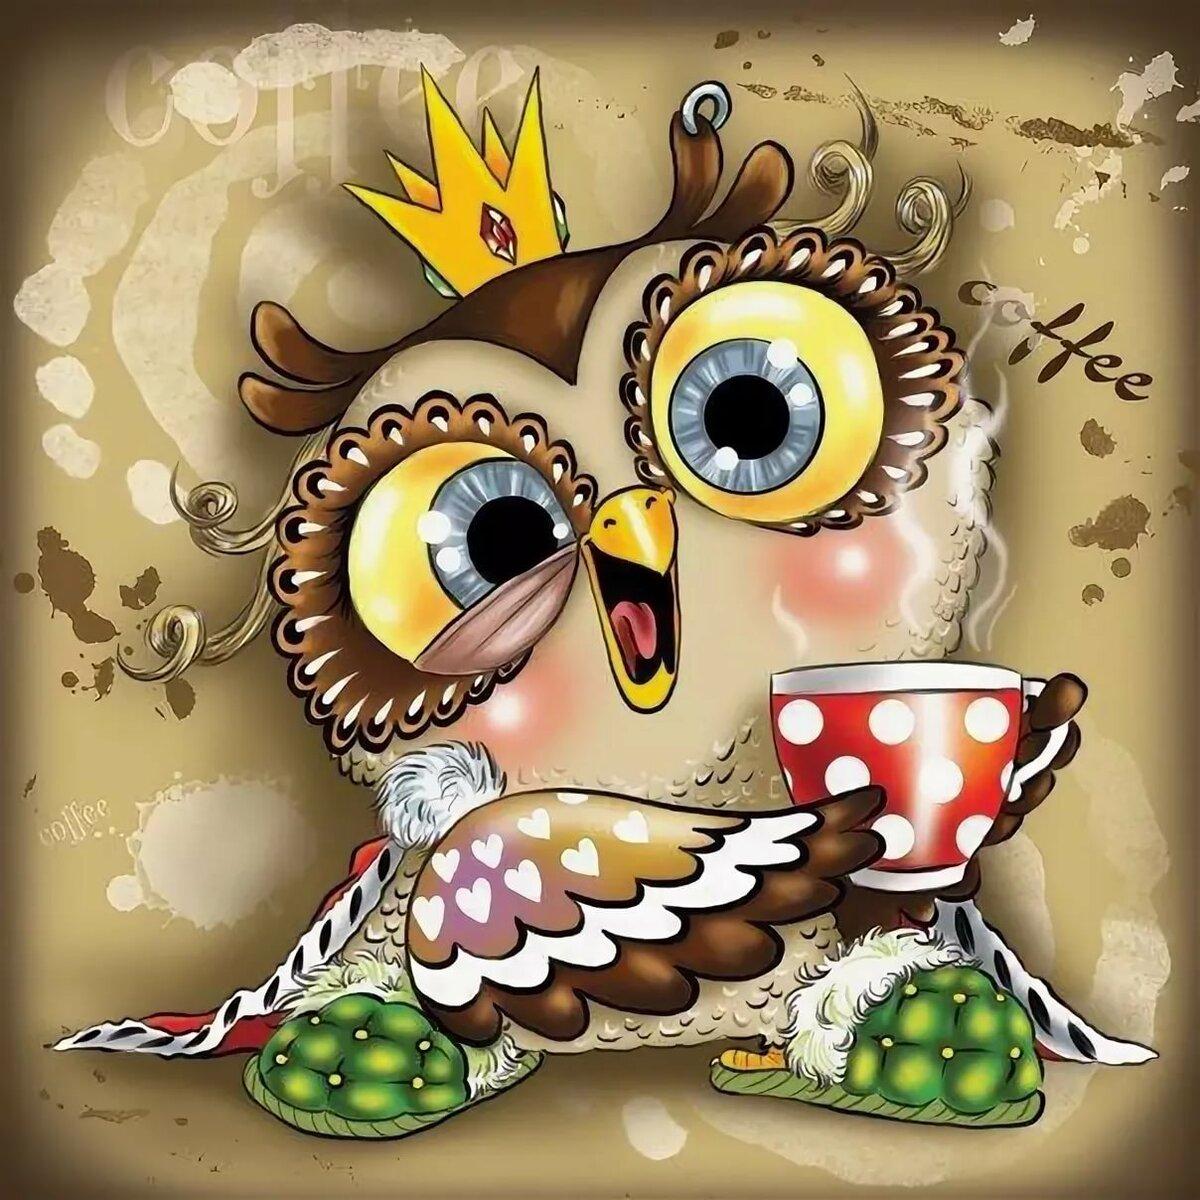 Картинки смешные мультяшные совы